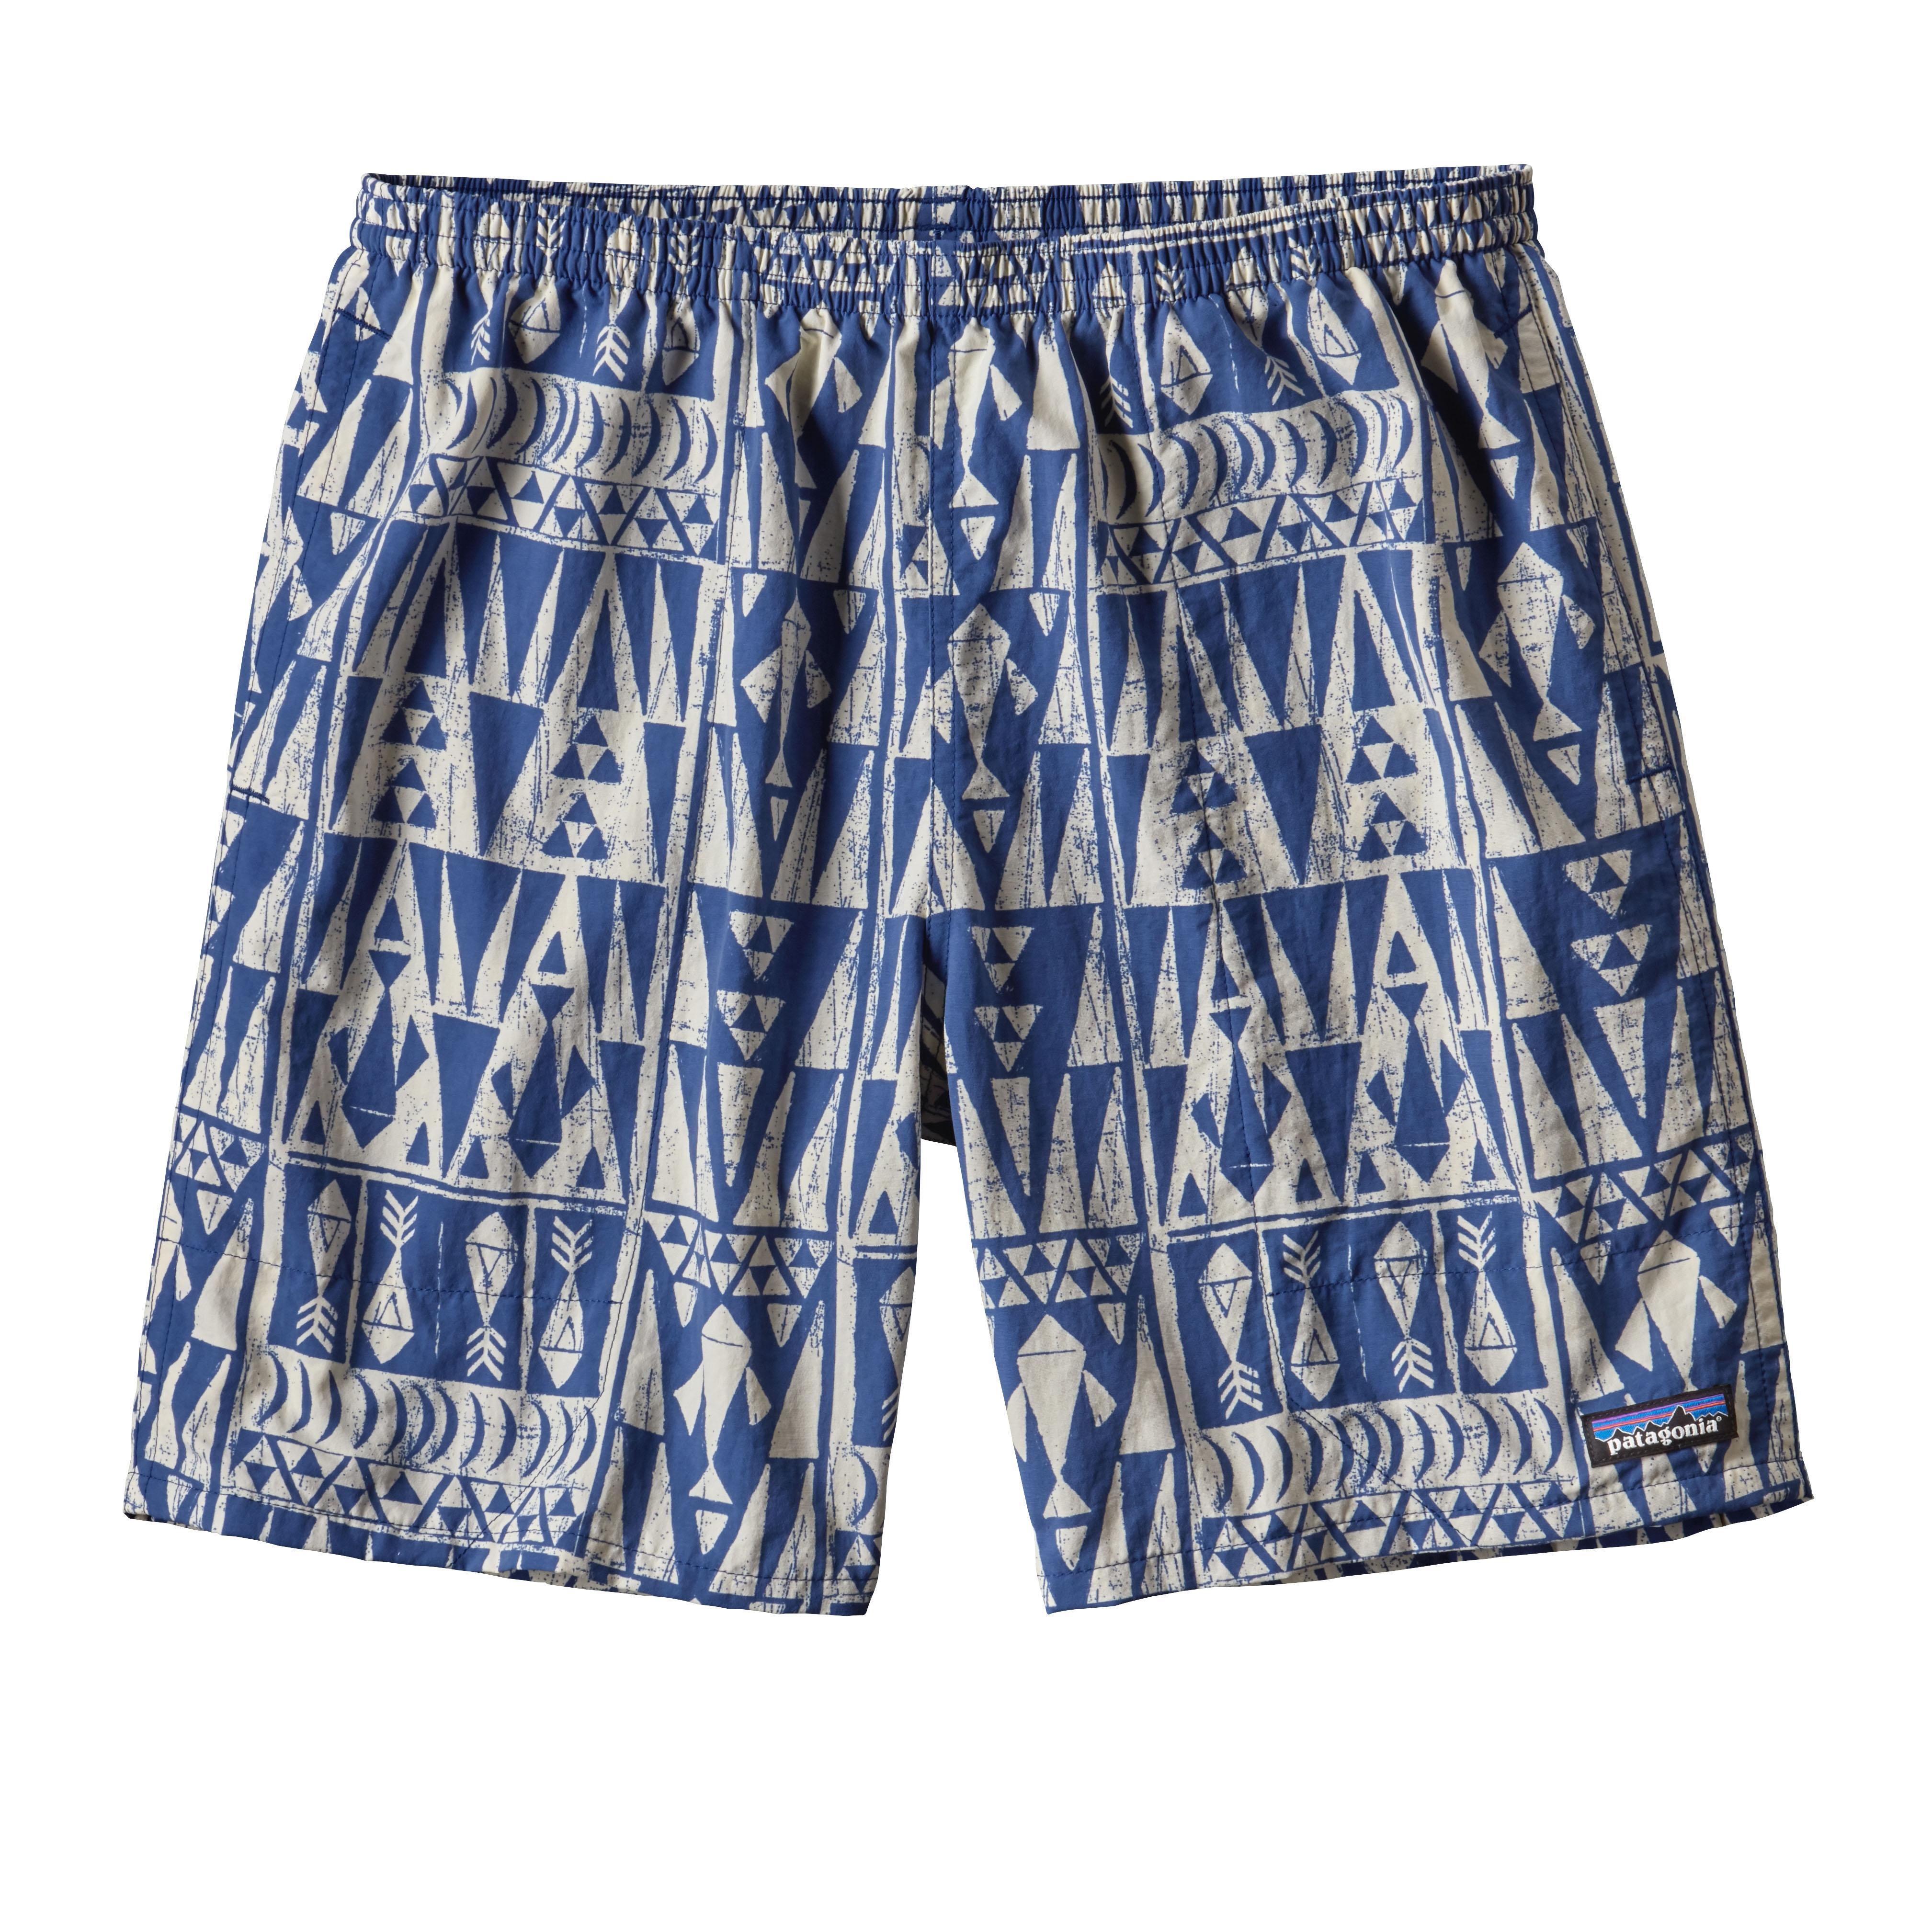 Patagonia Men's Baggies Shorts 7in Inseam TGSB_BLUE